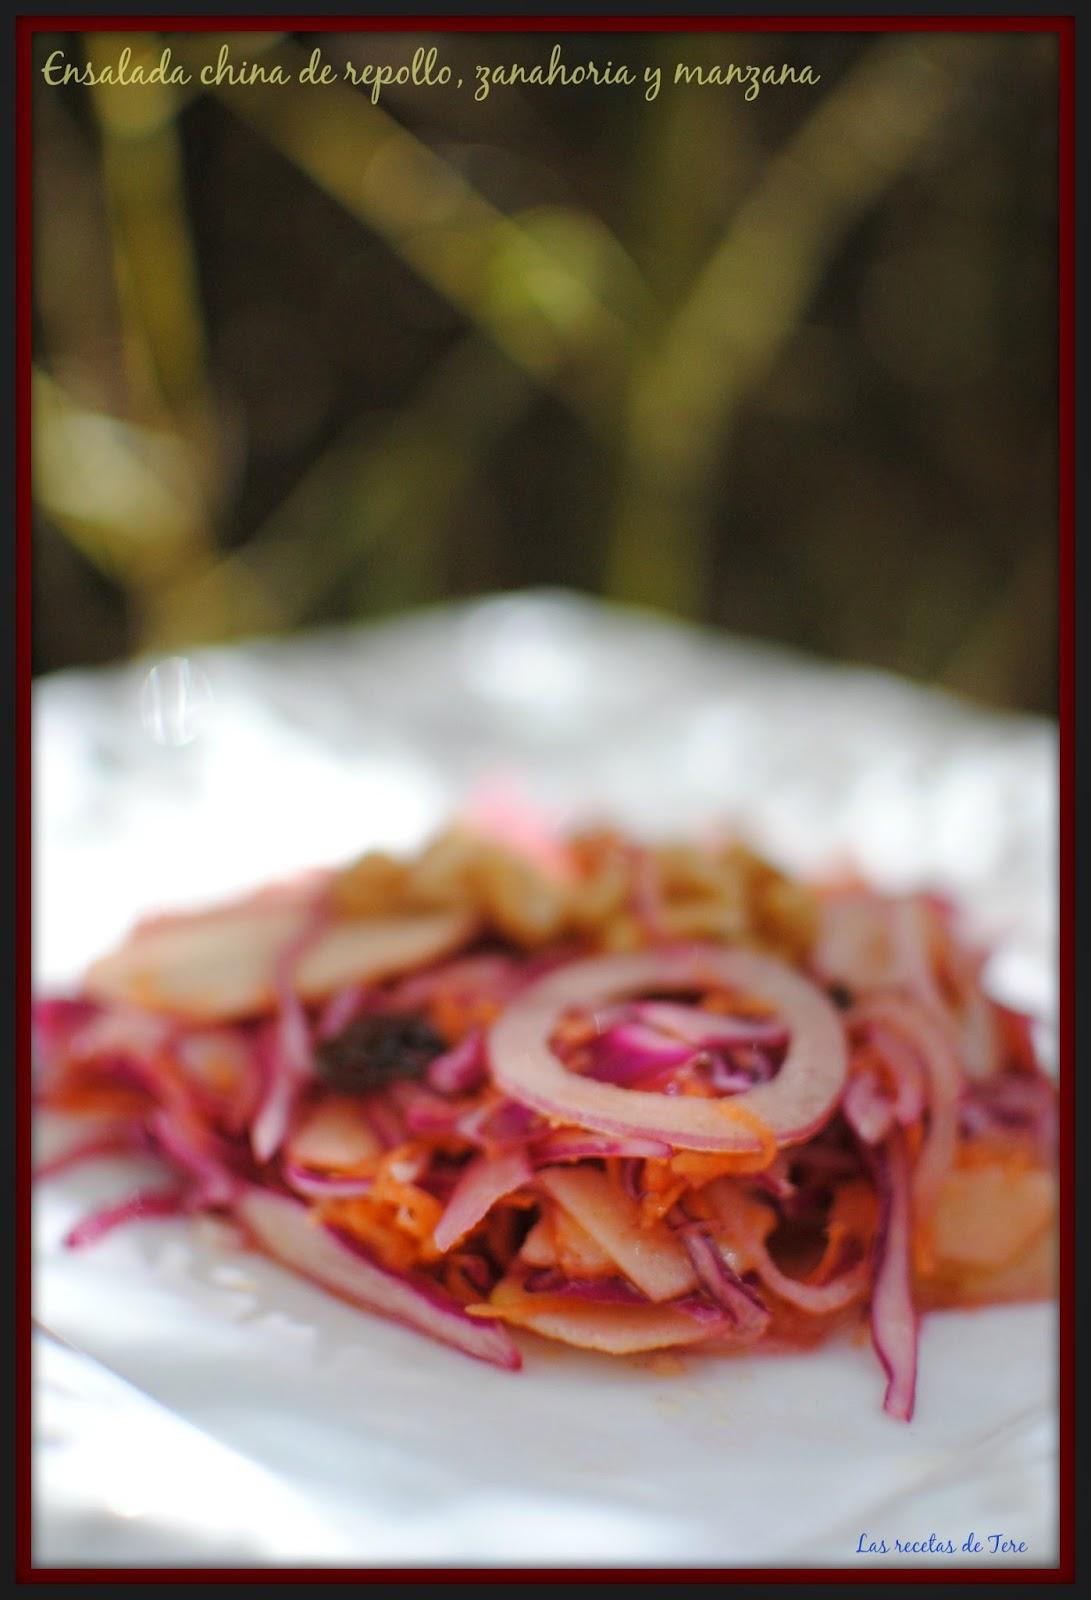 ensalada china de repollo zanahoria y manzana 02